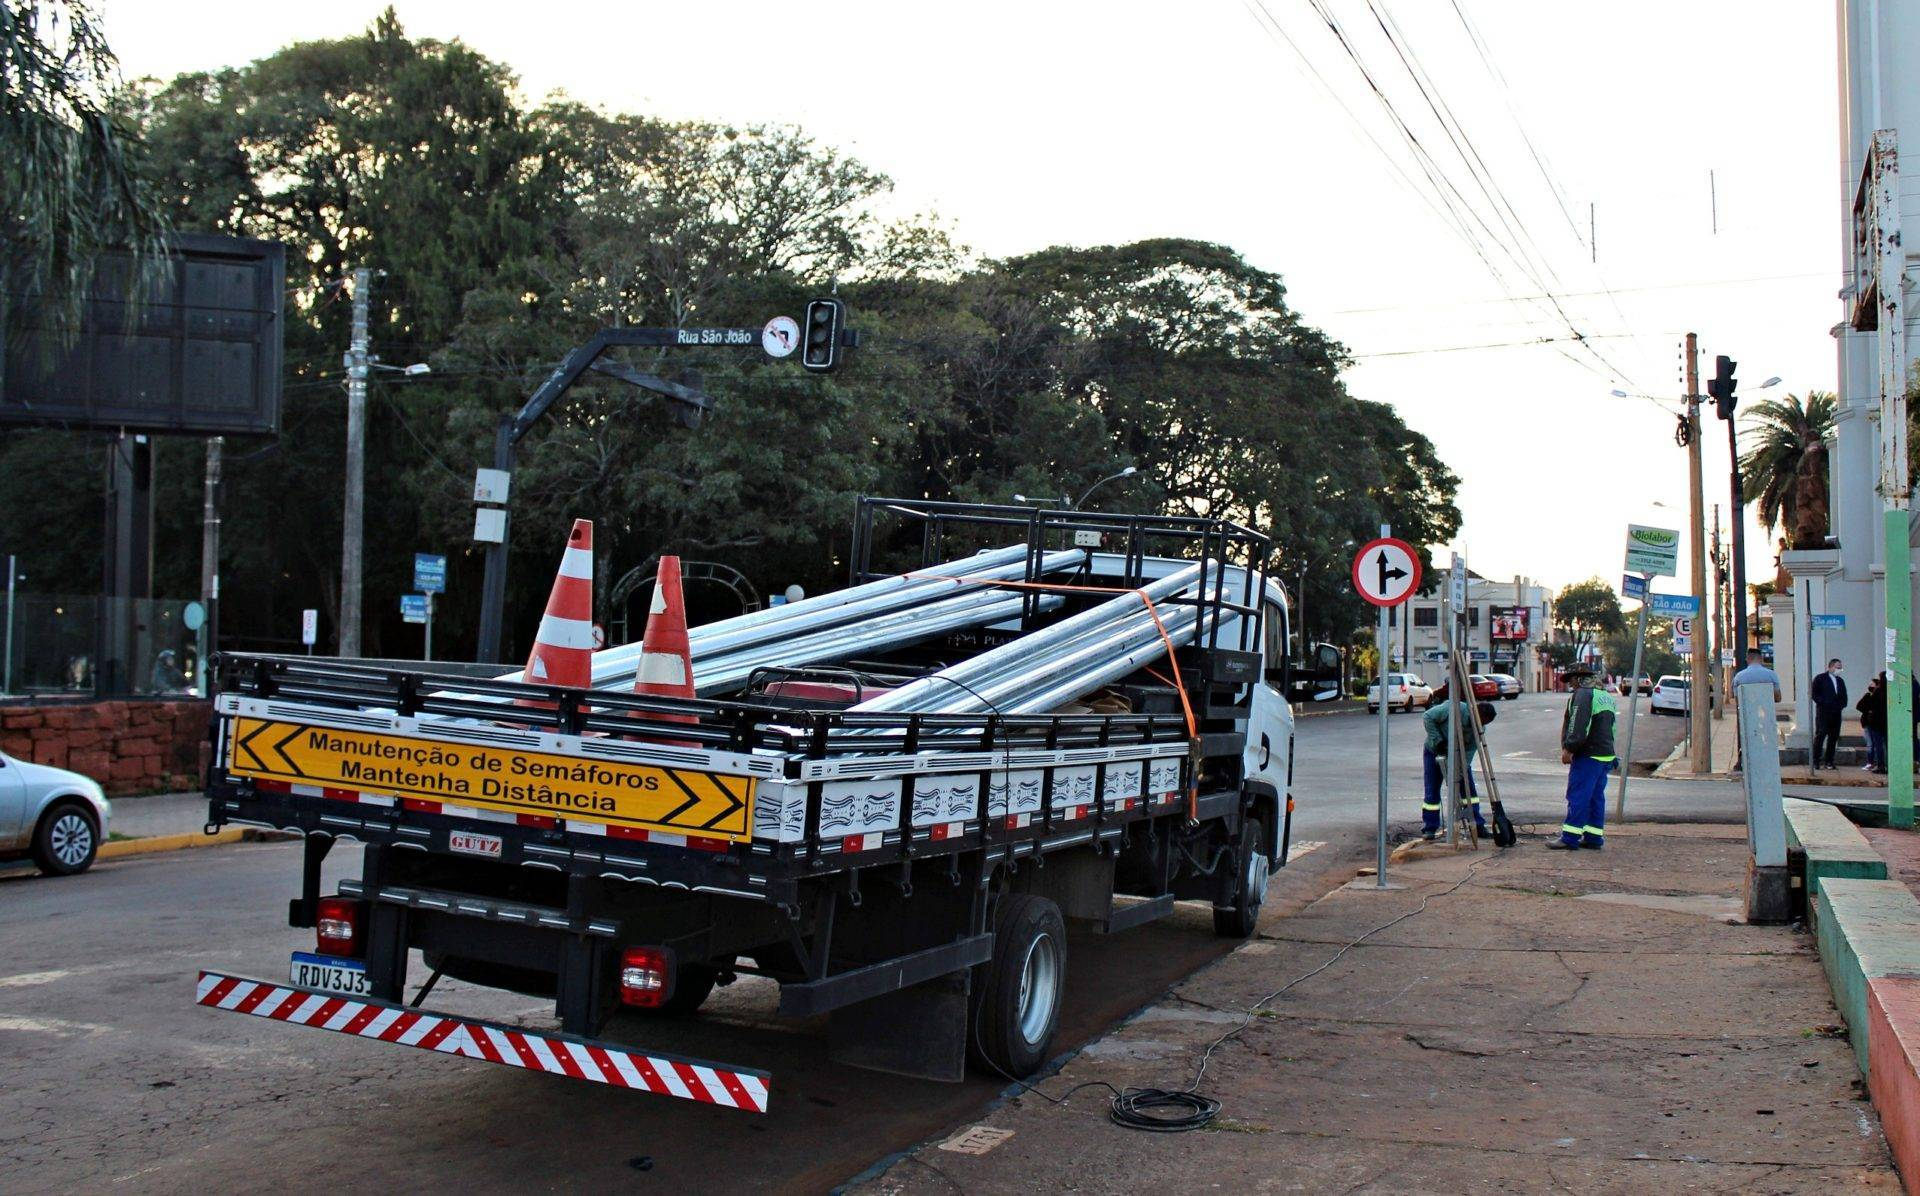 Prefeitura inicia a instalação de novos semáforos no cruzamento das ruas São João e Venâncio Aires